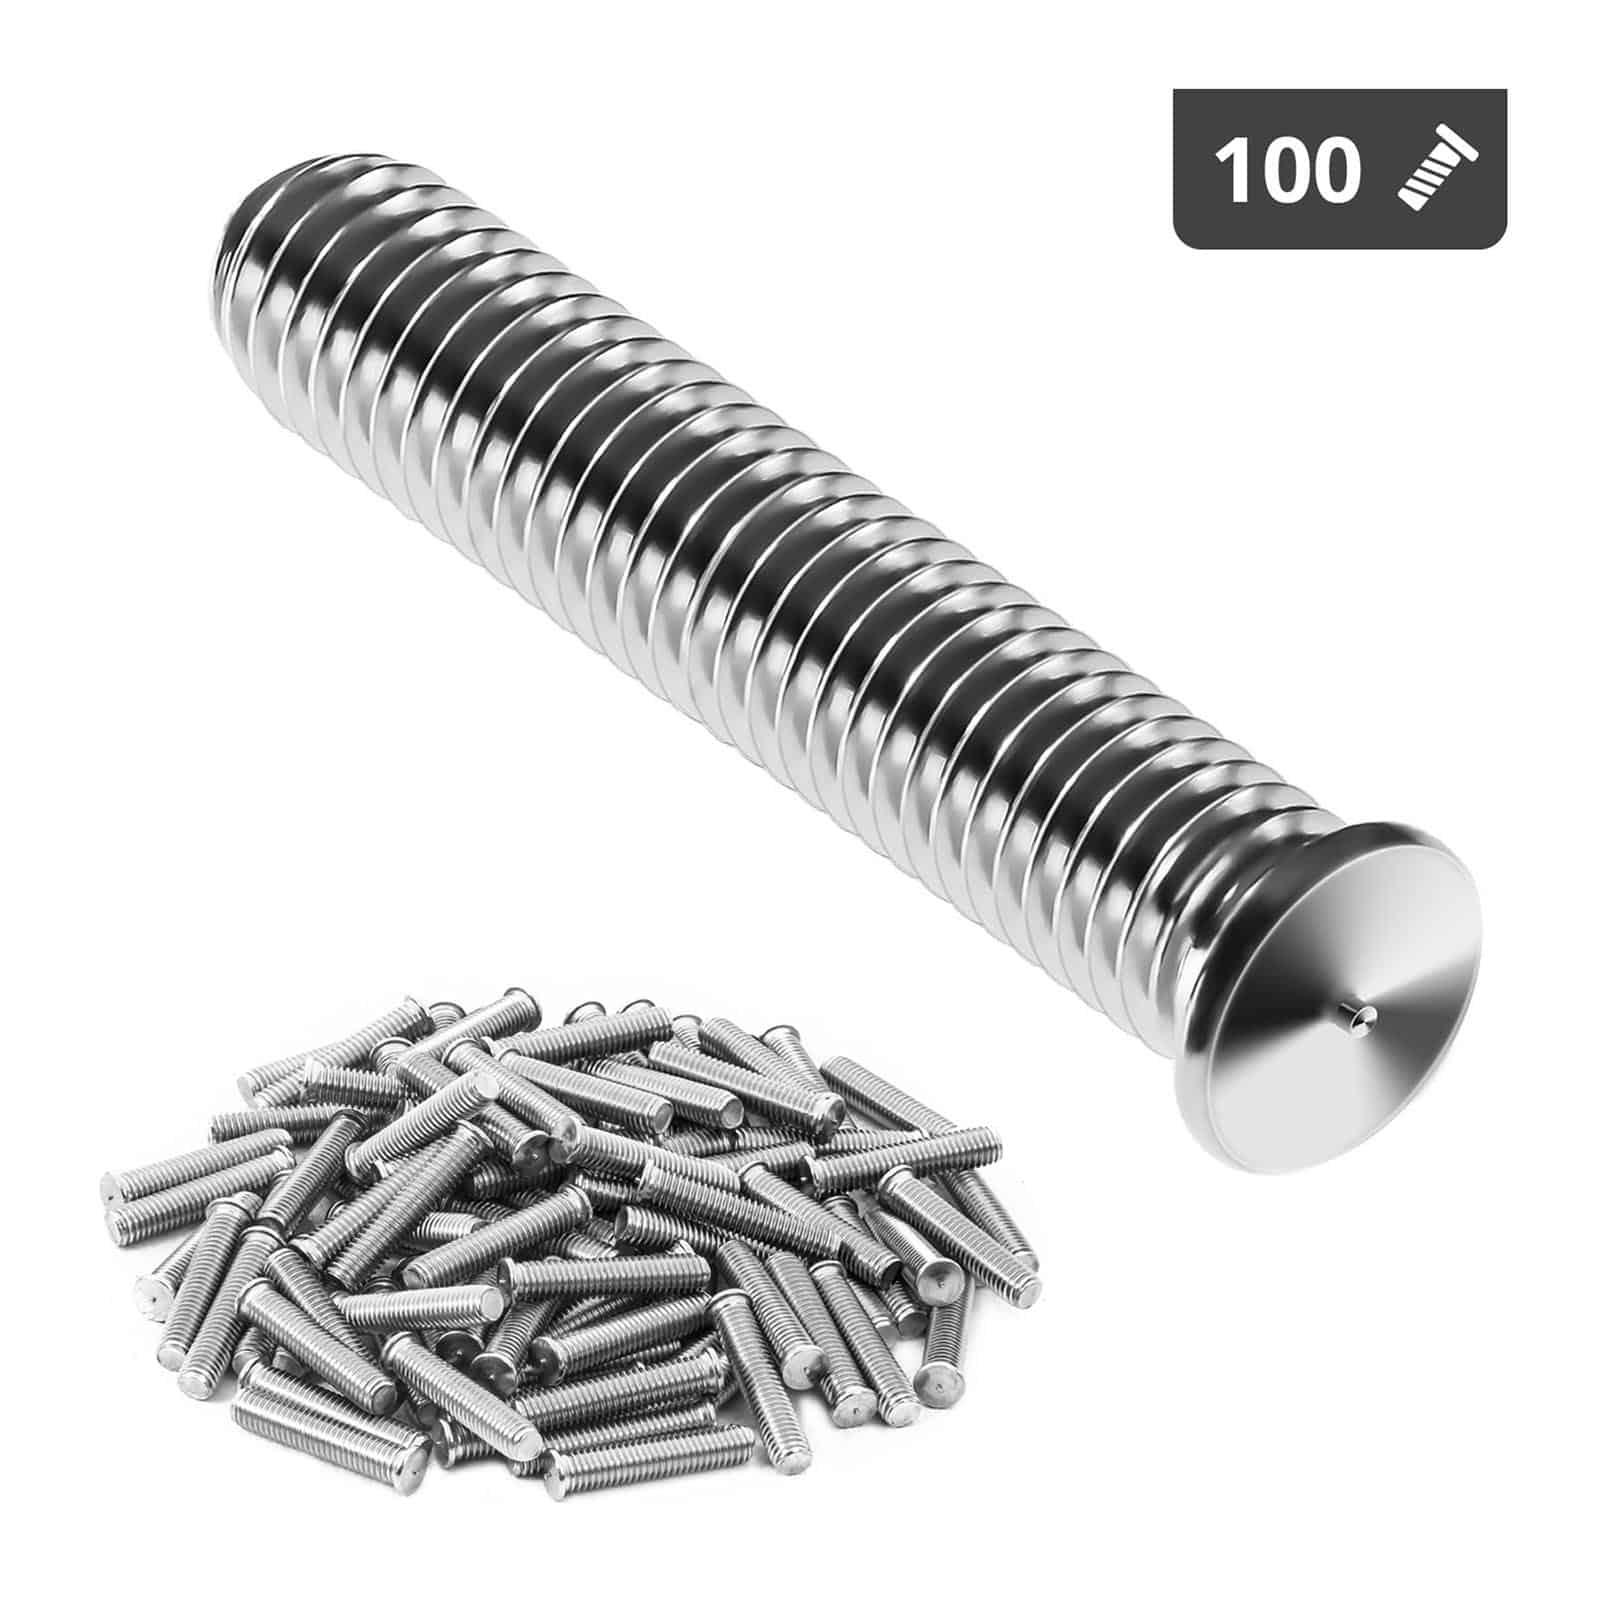 Kołki do zgrzewania - M8 - 40 mm - 100 sztuk